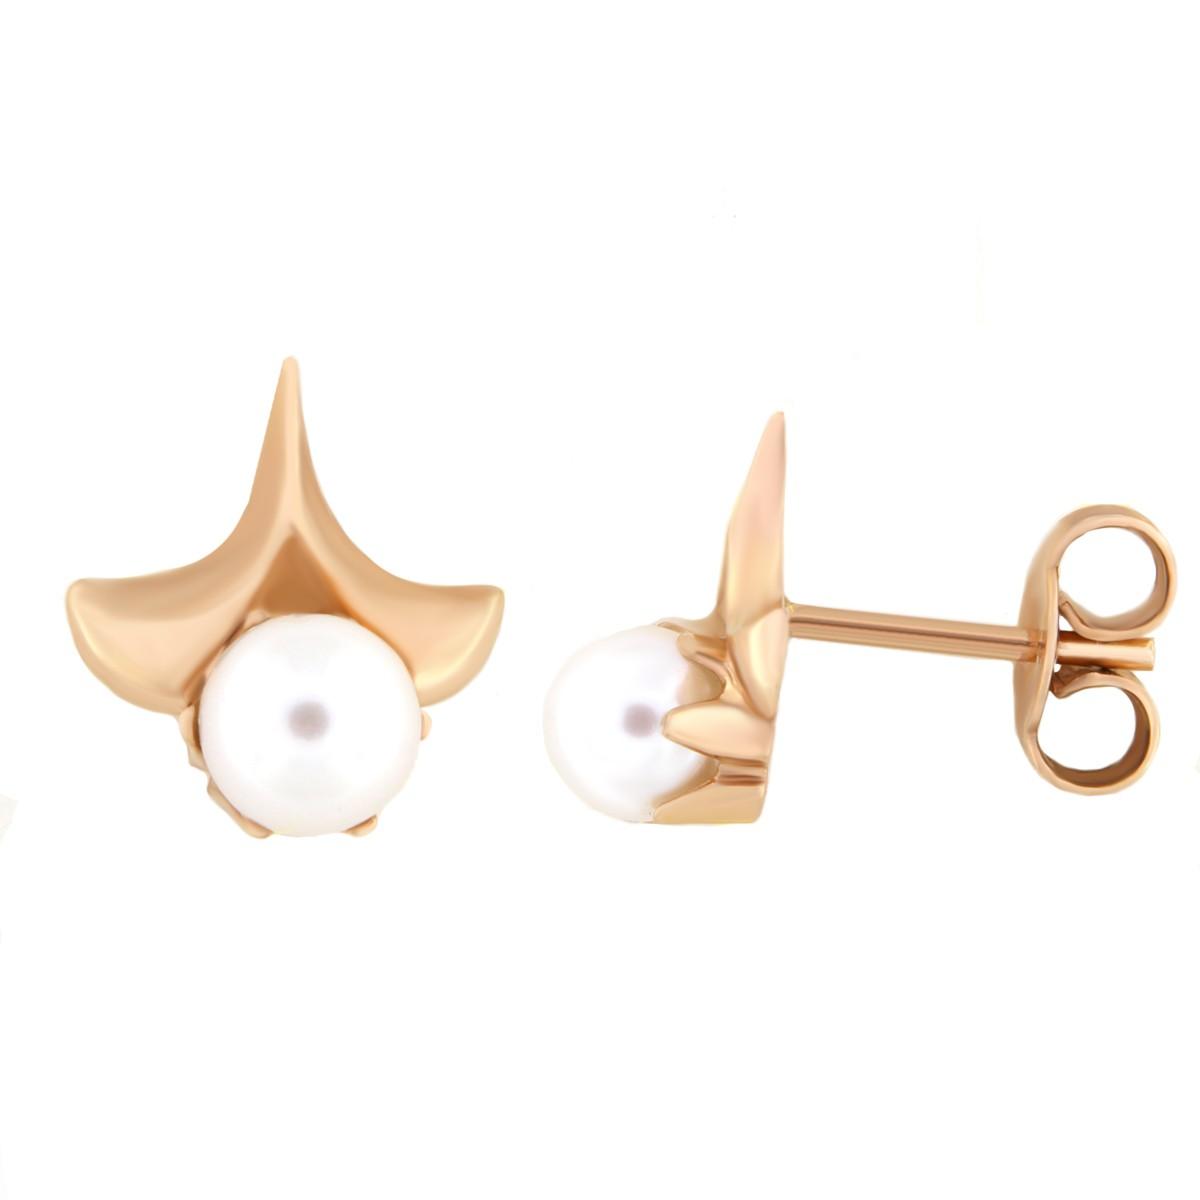 Kullast kõrvarõngad pärlitega Kood: 00033090j